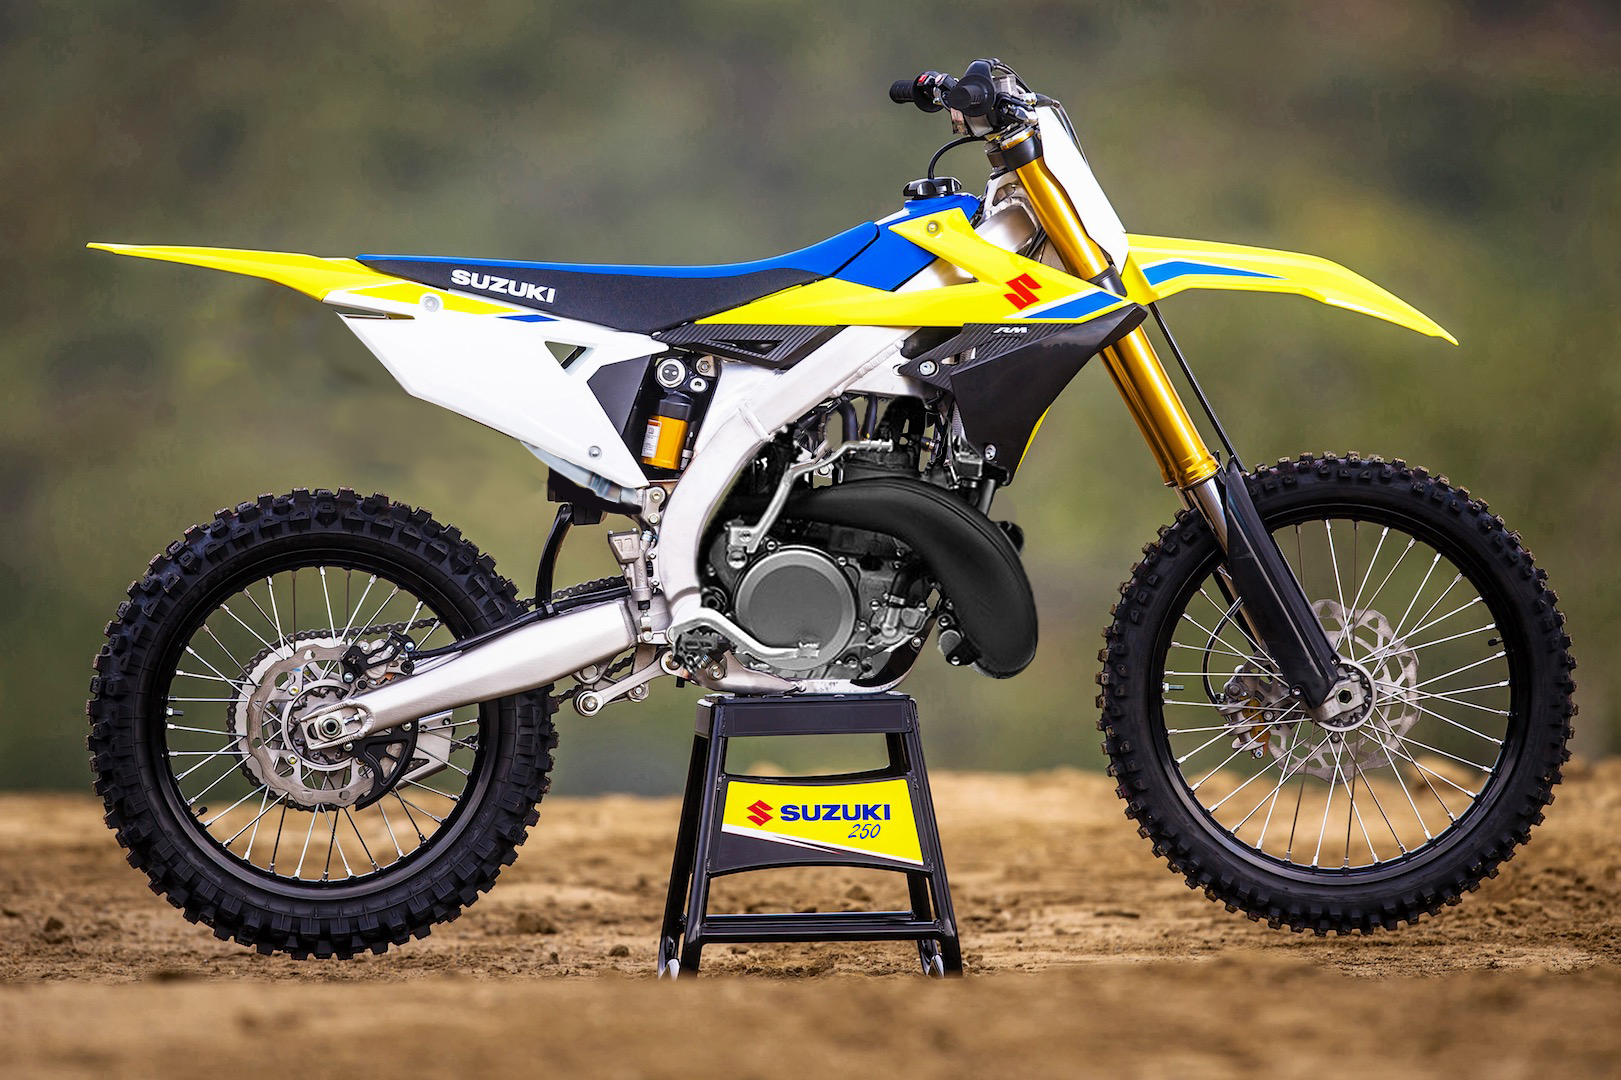 86 Gallery of 2019 Suzuki Motocross Specs by 2019 Suzuki Motocross